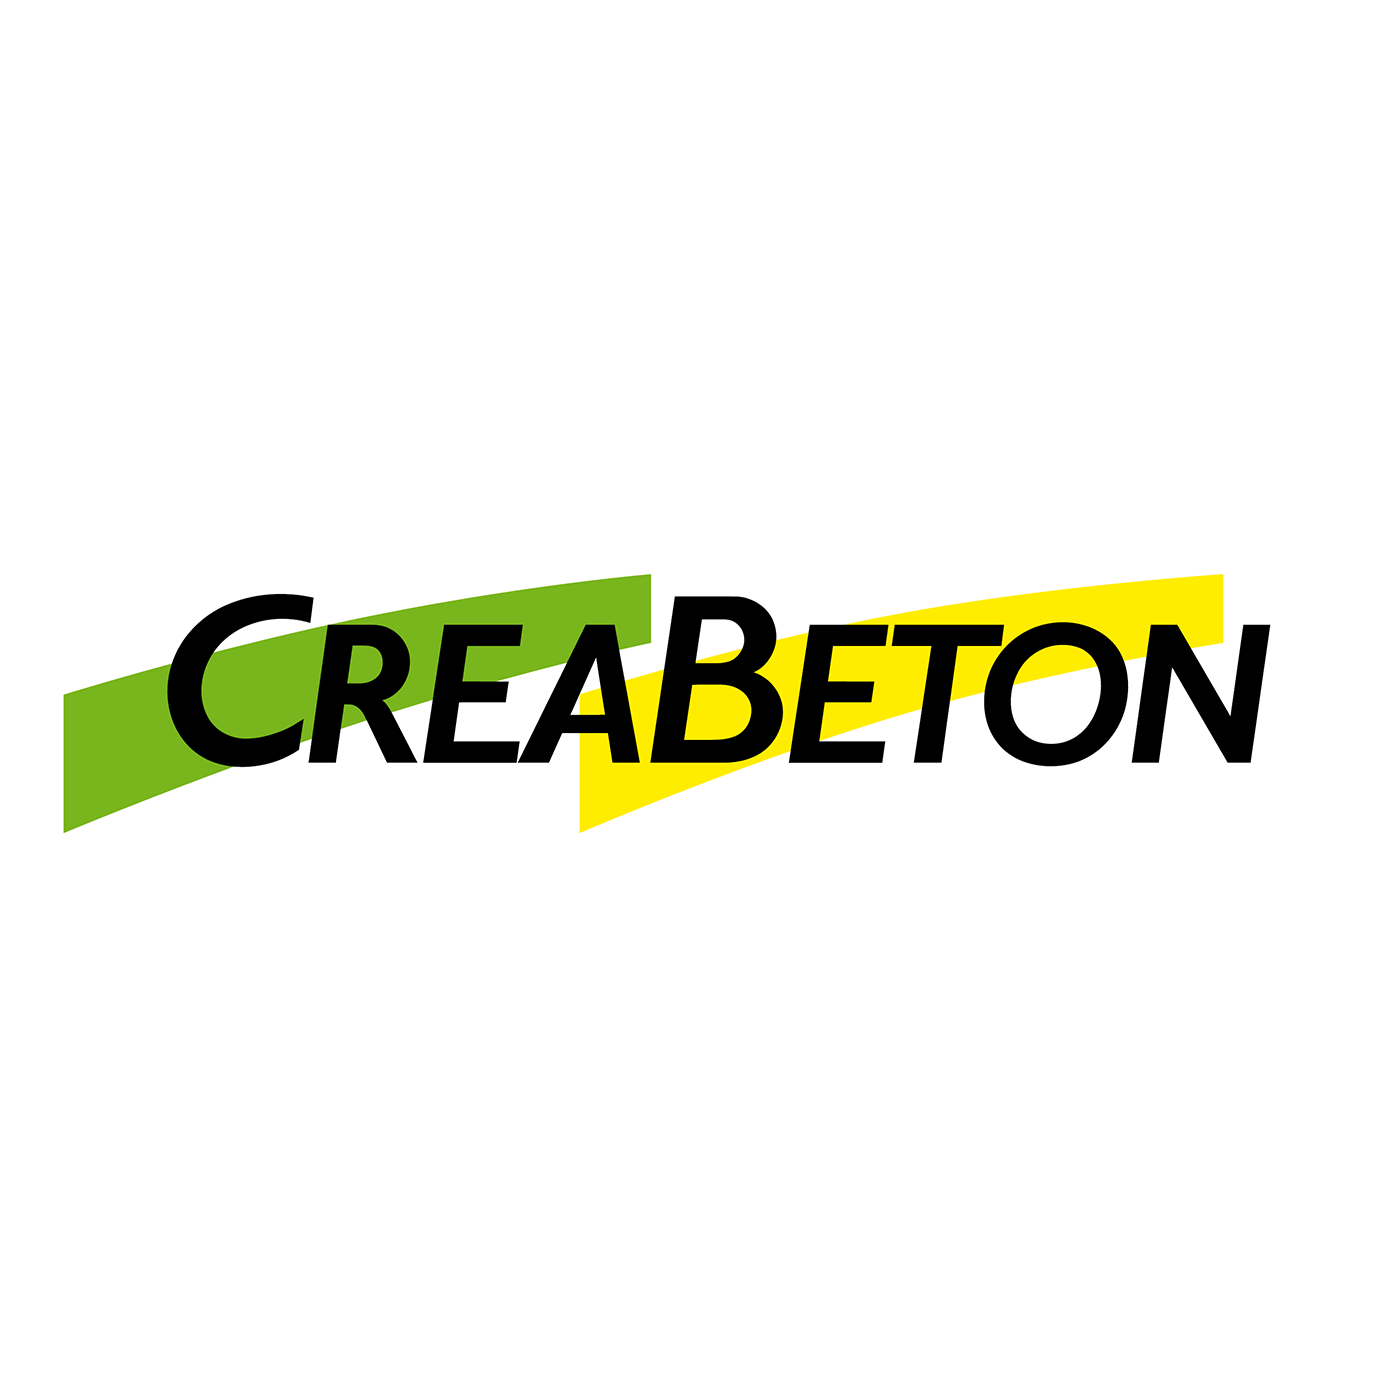 CreaBeton Logo